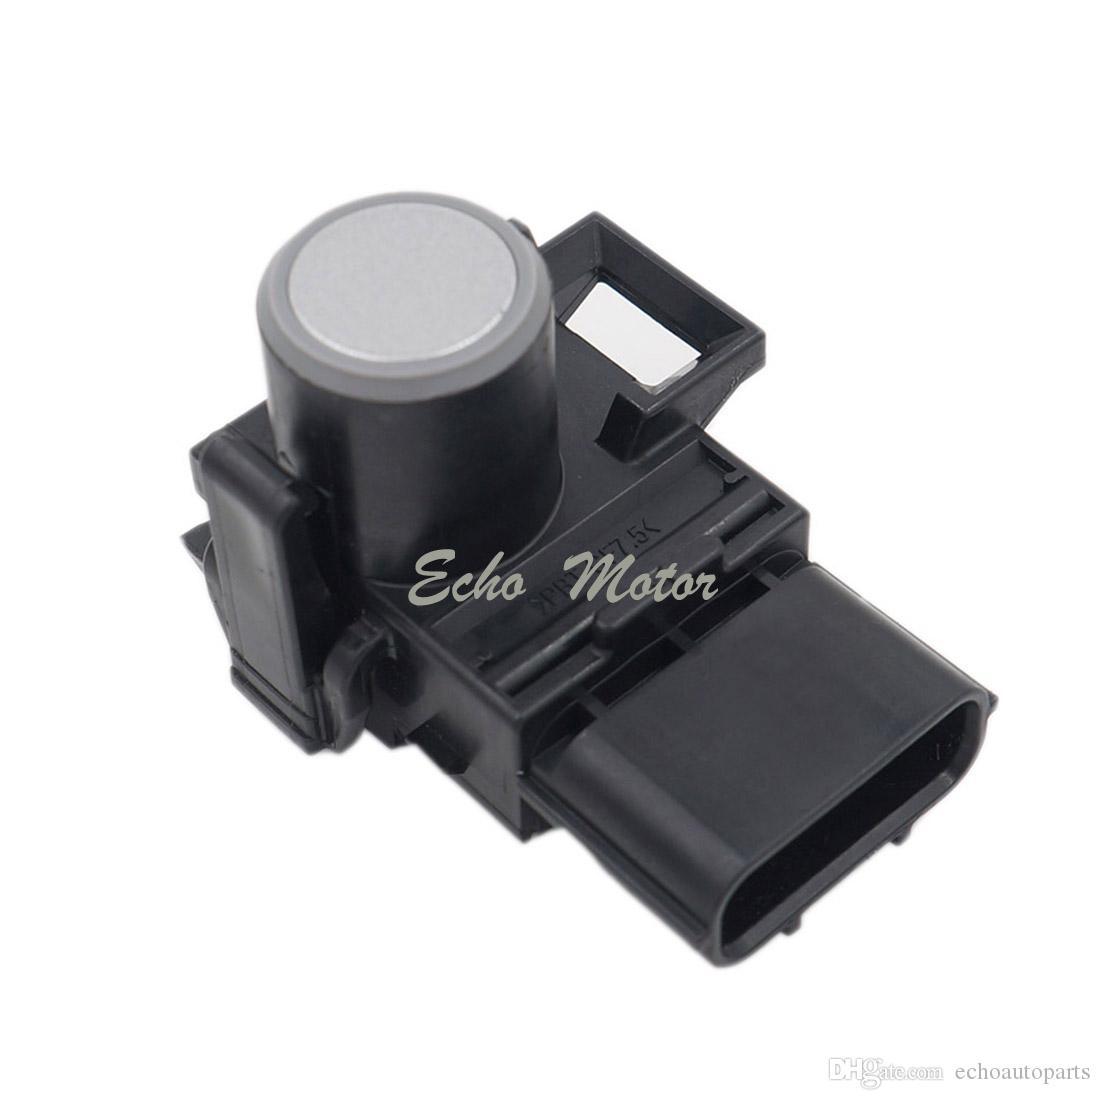 NOUVEAU haute qualité 39680-TL0-G01 188300-6630 capteurs de stationnement voiture PDC pour HONDA pilote, Accord, Spirior